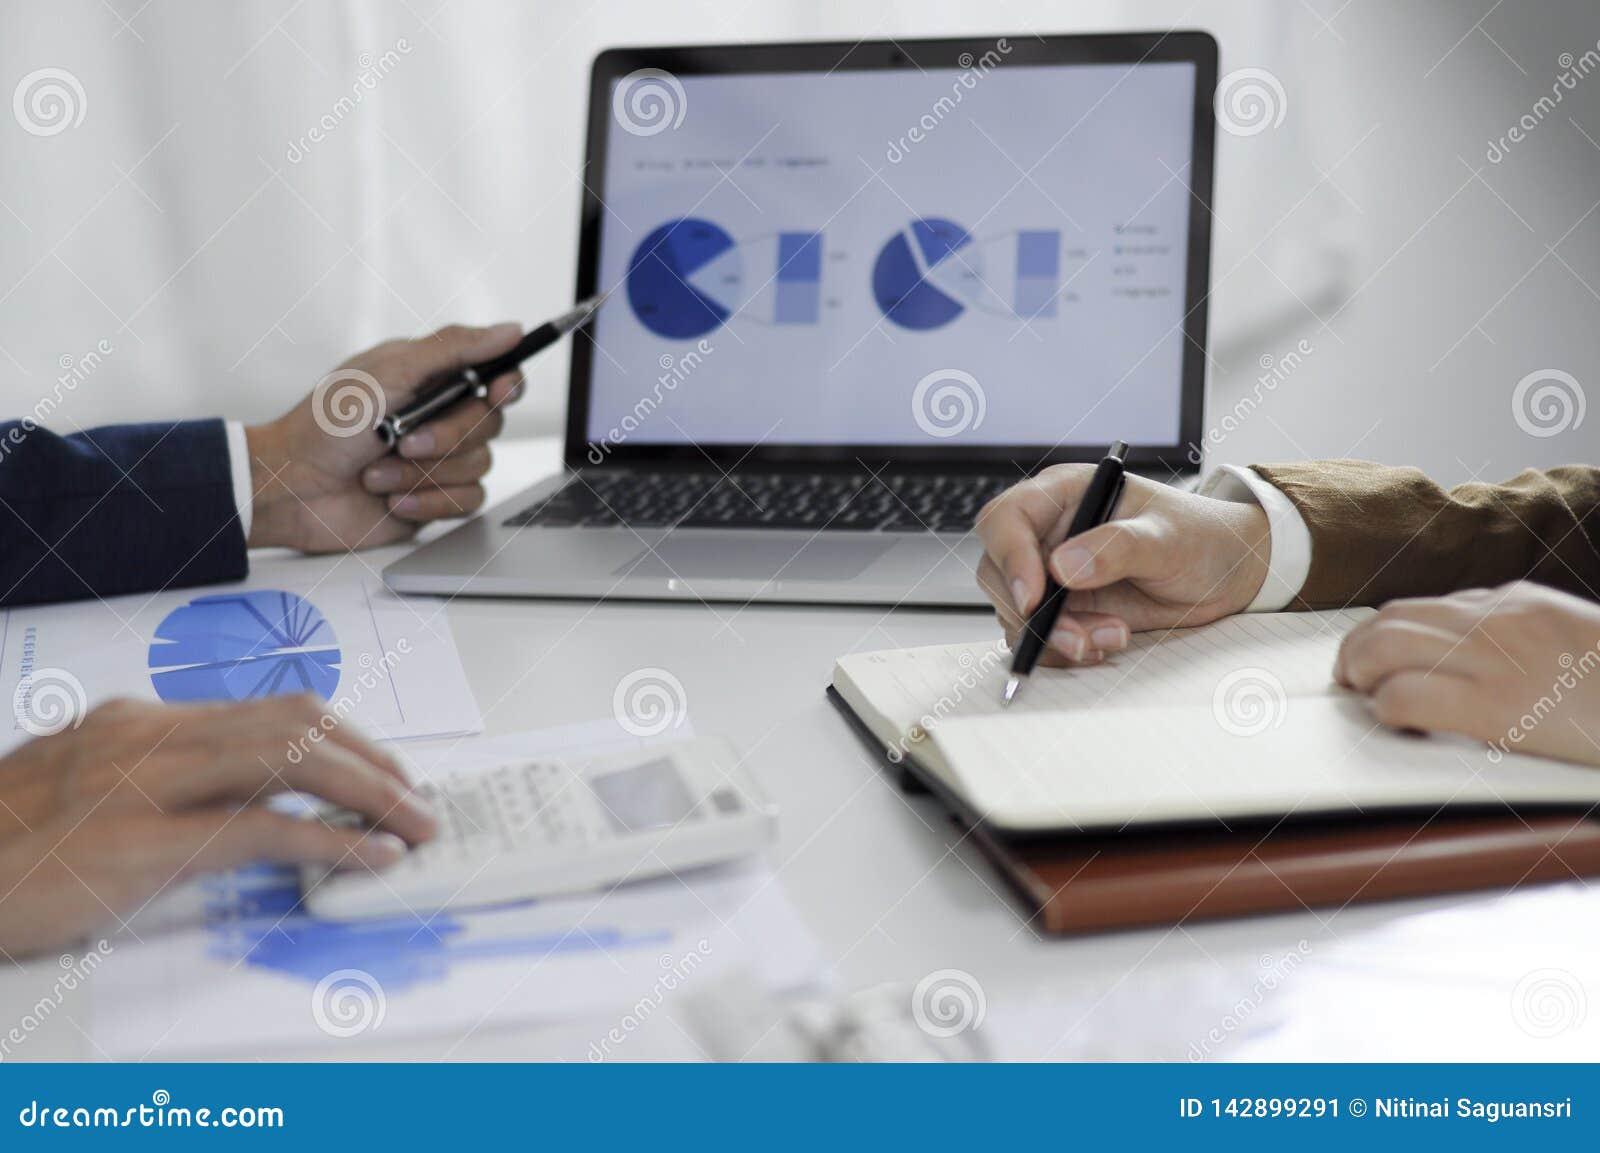 Consultoría de negocios, trabajo, consejo, auditando